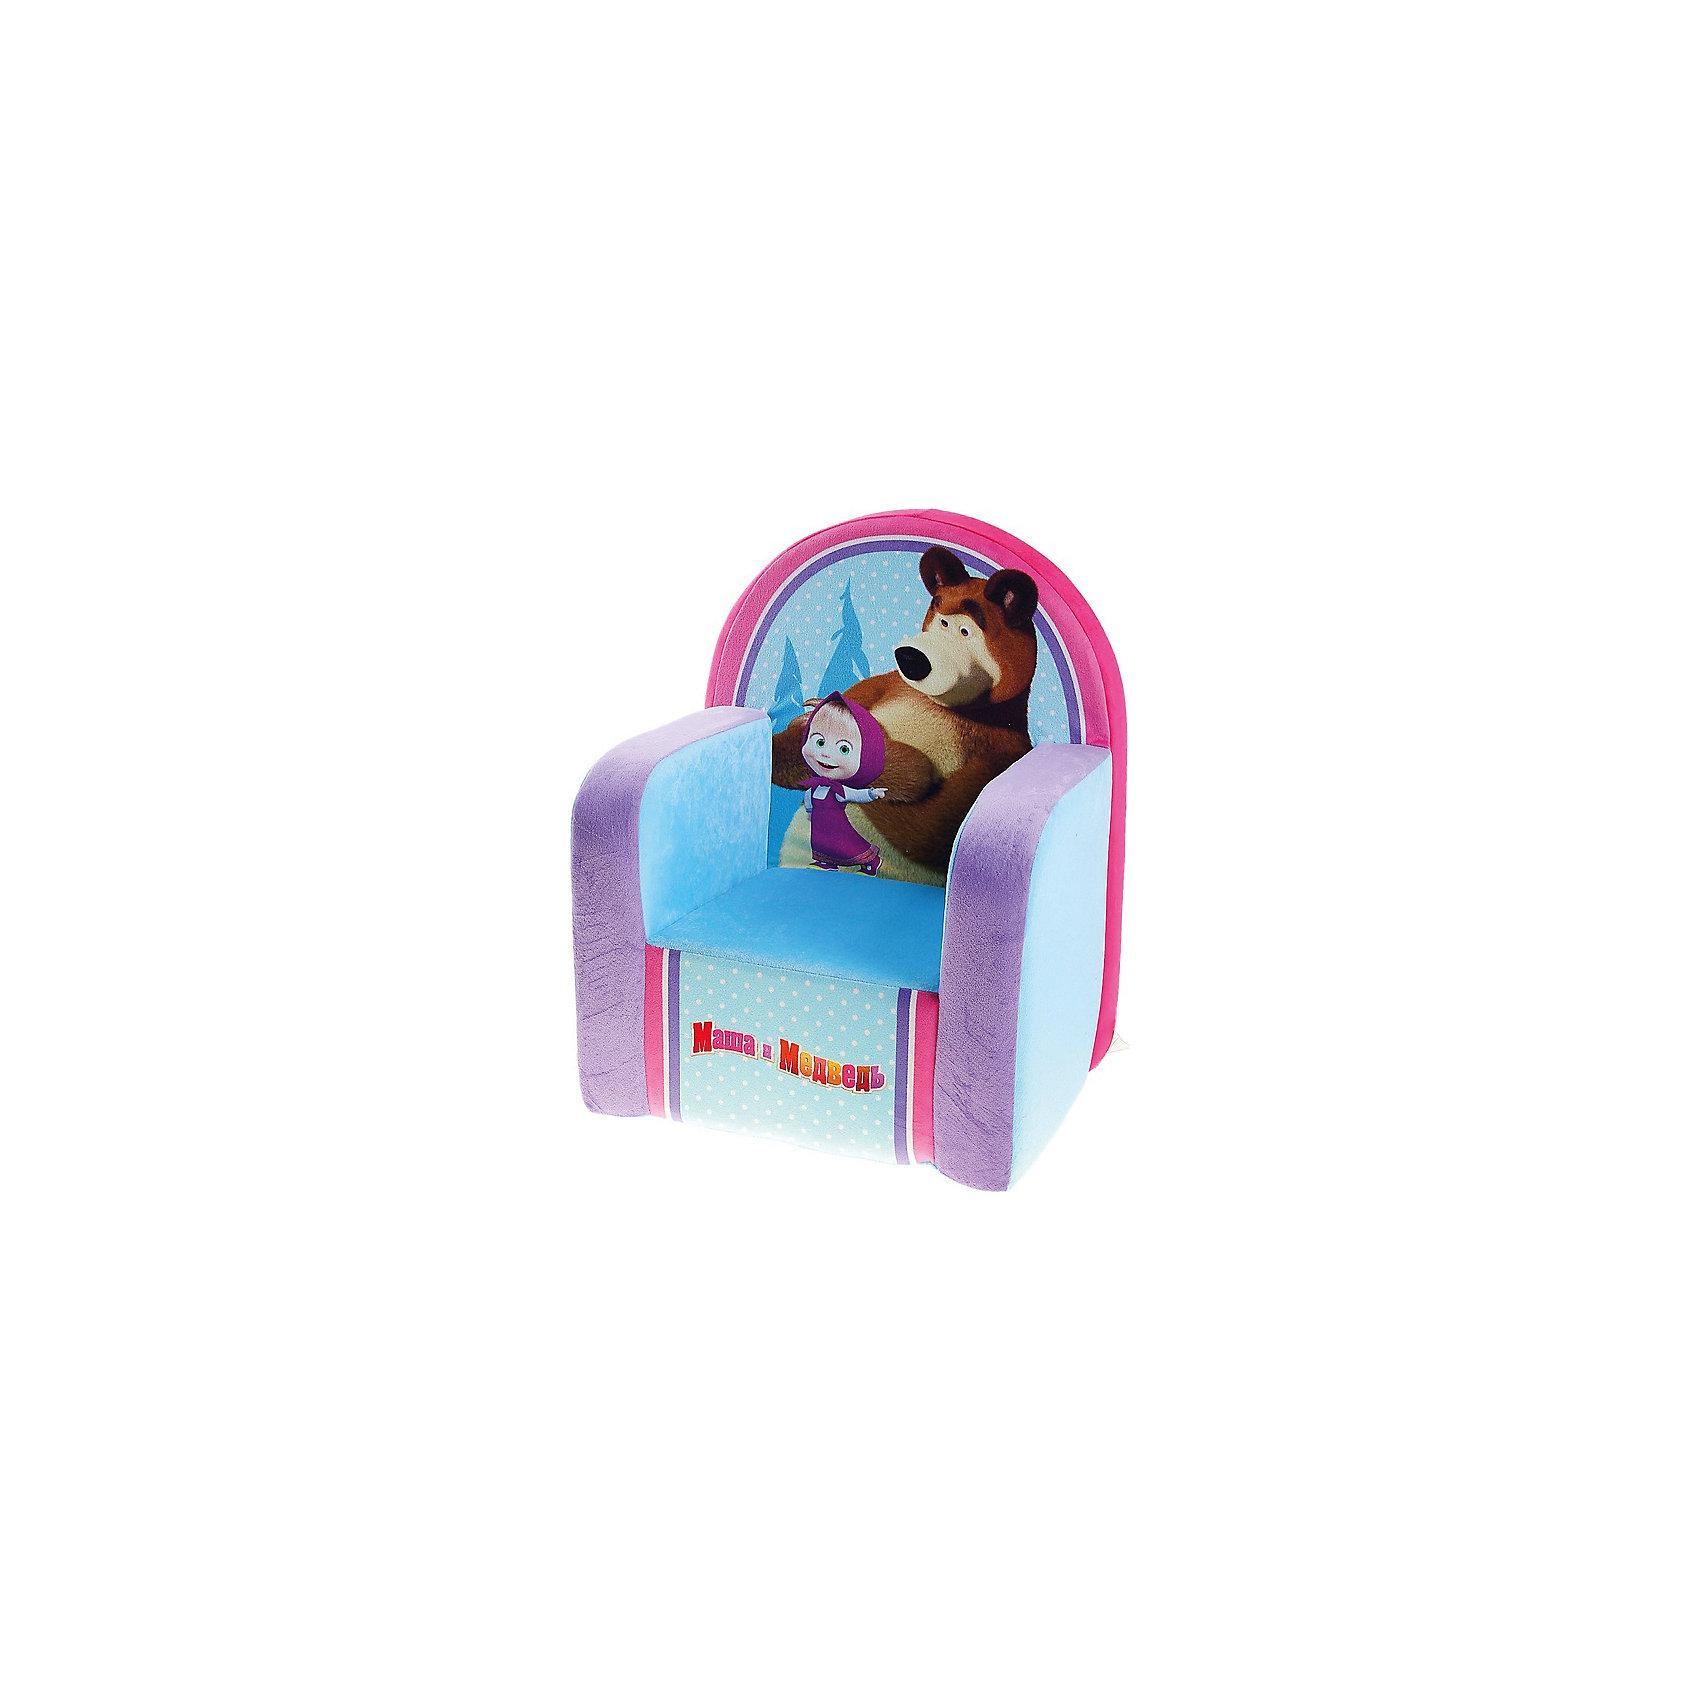 Мягкое кресло Маша и Медведь, СмолТойс, голубойДетям очень важно иметь свои вещи, это касается не только игрушек, но и мебели. Именно поэтому такое кресло станет действительно желанным подарком для малыша. Тем более, что на нем изображены любимые мультяшные герои современных детей - Маша и Медведь.<br>Обивка кресла - очень приятная на ощупь. Наполнитель - мягкий, внутри нет жестких деталей. Кресло легкое, но устойчивое. Детям будет приятно и удобно в нем сидеть или играть. Этот предмет мебели оживит и украсит детскую комнату!<br><br>Дополнительная информация:<br><br>цвет: разноцветный;<br>материал: трикотаж, пенополиуретан;<br>украшено изображением Маши и Медведя;<br>размер: 53 х 32 х 41 см.<br><br>Мягкое кресло Маша и Медведь от можно купить в нашем магазине.<br><br>Ширина мм: 32<br>Глубина мм: 41<br>Высота мм: 53<br>Вес г: 1075<br>Возраст от месяцев: 36<br>Возраст до месяцев: 1188<br>Пол: Унисекс<br>Возраст: Детский<br>SKU: 4996593